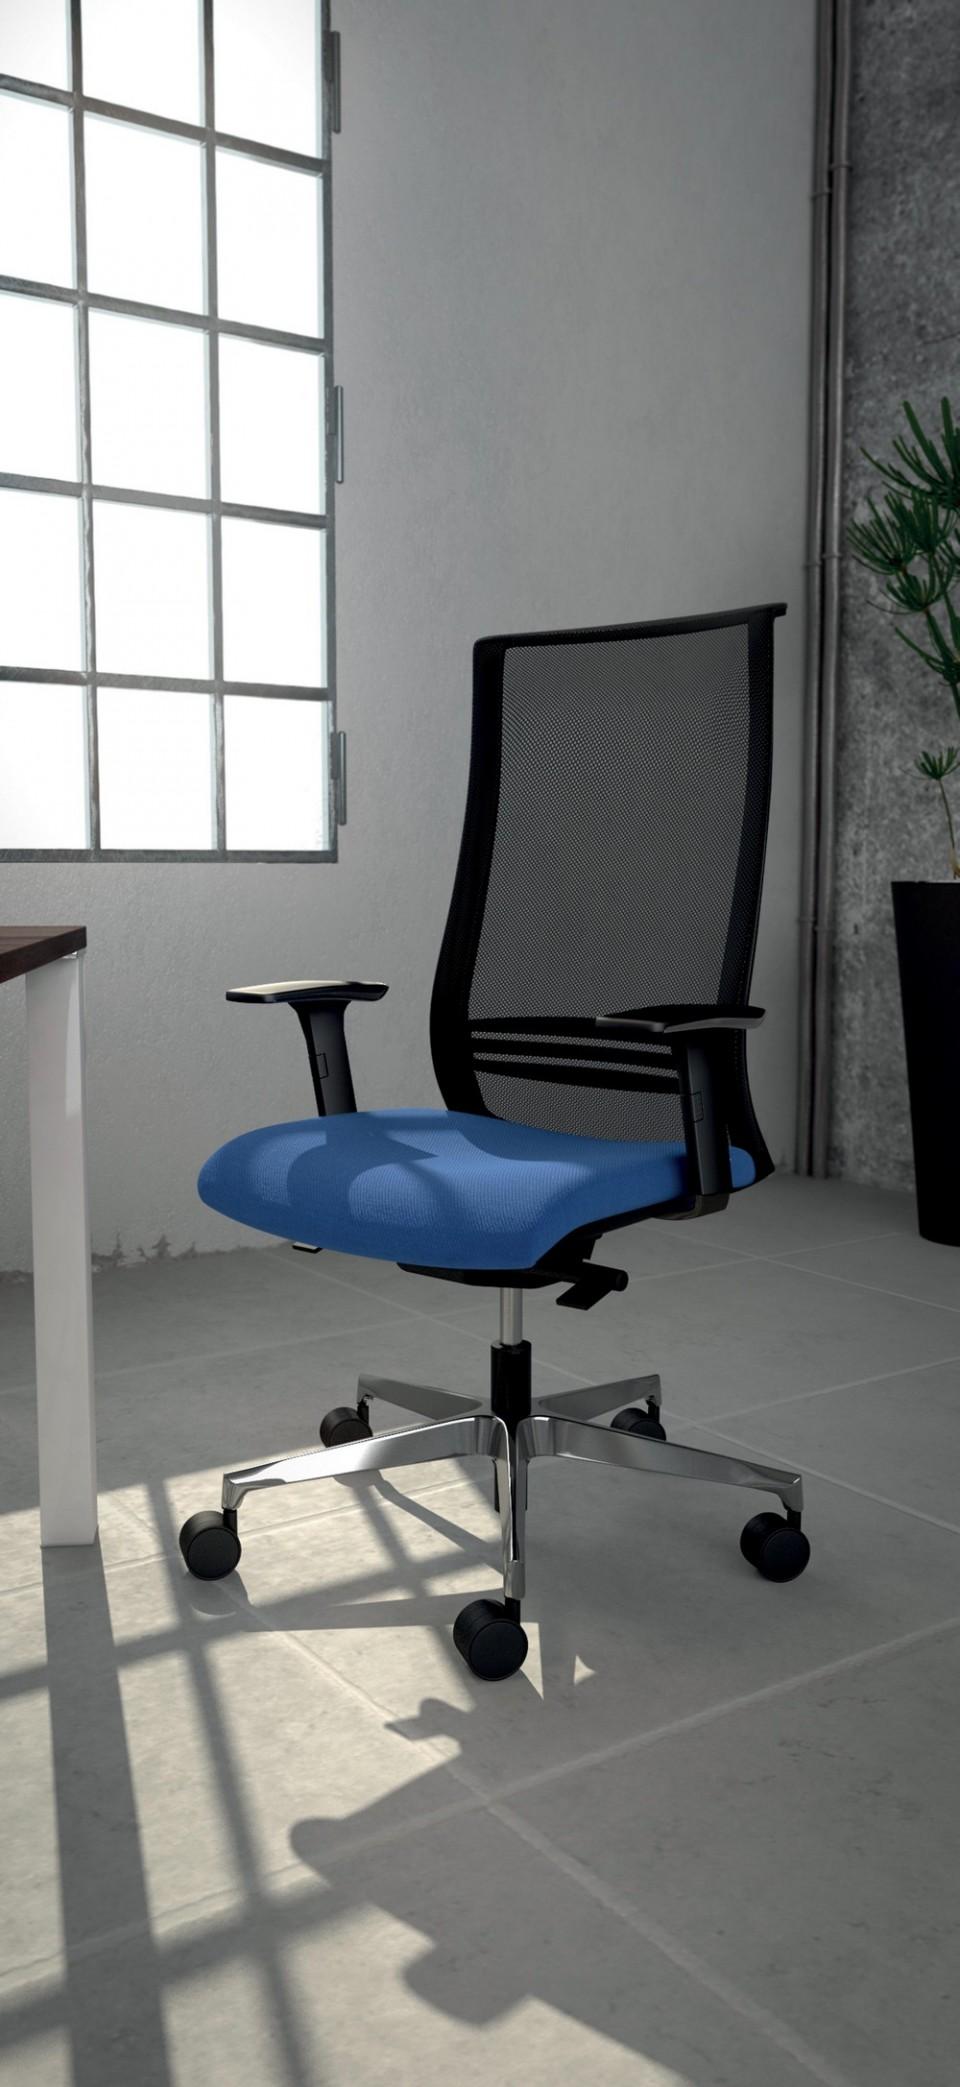 Fauteuil bureau ergonomique wave noir achat si ges de bureau 445 00 - Fauteuils ergonomiques bureau ...